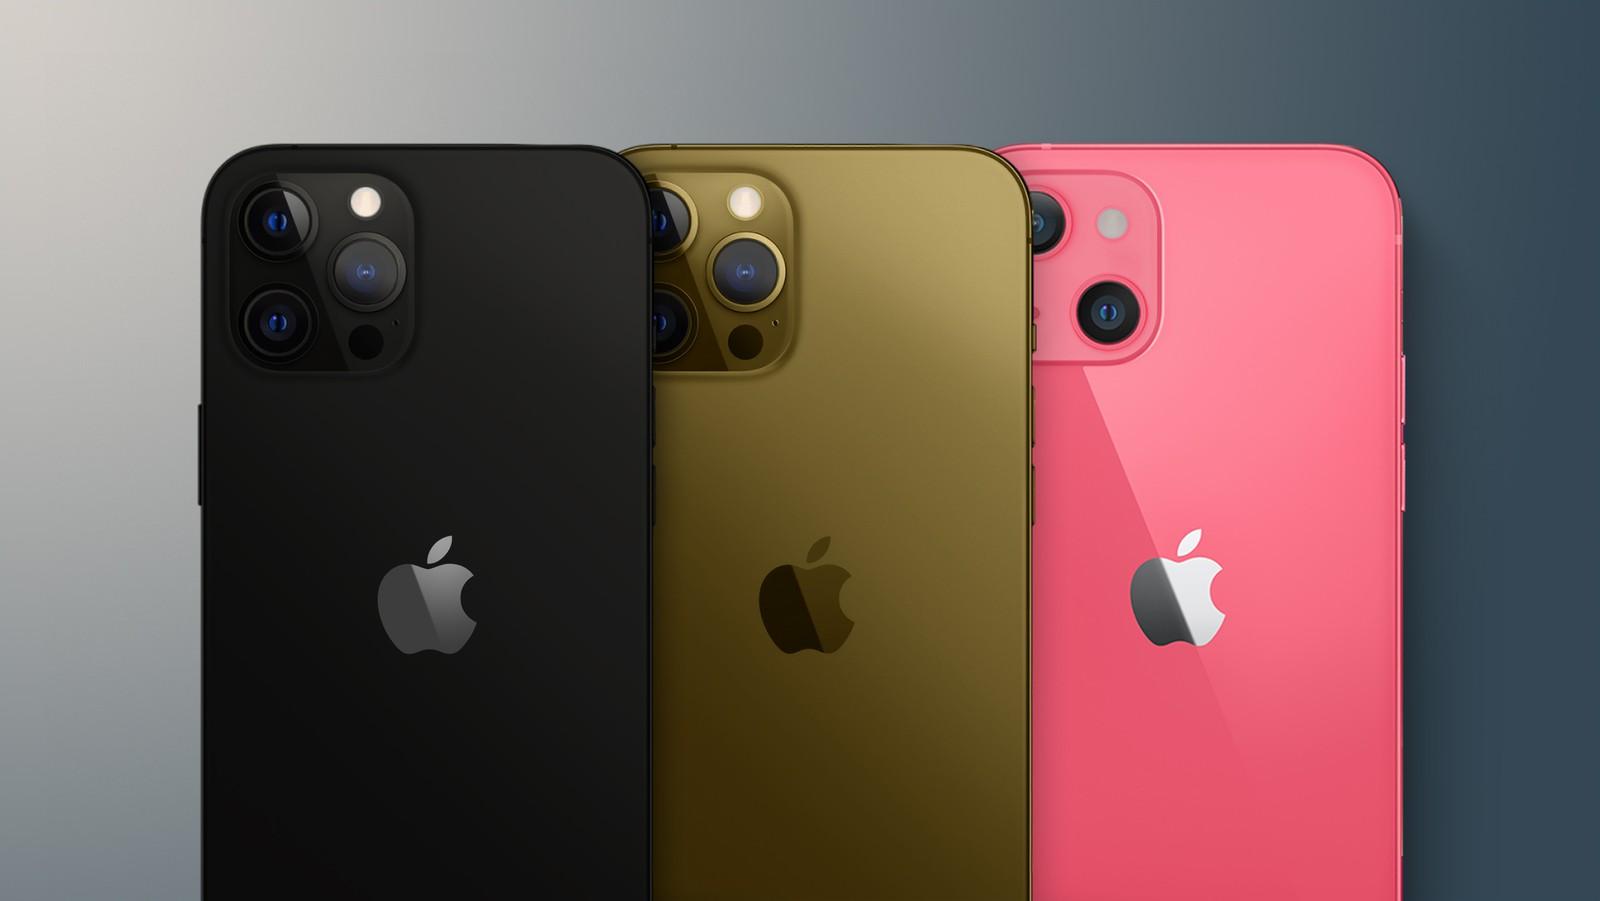 Ujawniono wszystkie kolory i pojemności iPhone 13 i iPhone 13 Pro ciekawostki nowe kolory iphone 13, kolory iphone 13 pro, iPhone 13 Pro, iPhone 13  Ukraiński serwis e-commerce ujawnił nowe szczegóły dotyczące nowej linii iPhone 13, w tym informacje o kolorach i pojemności. iPhone13 kolory